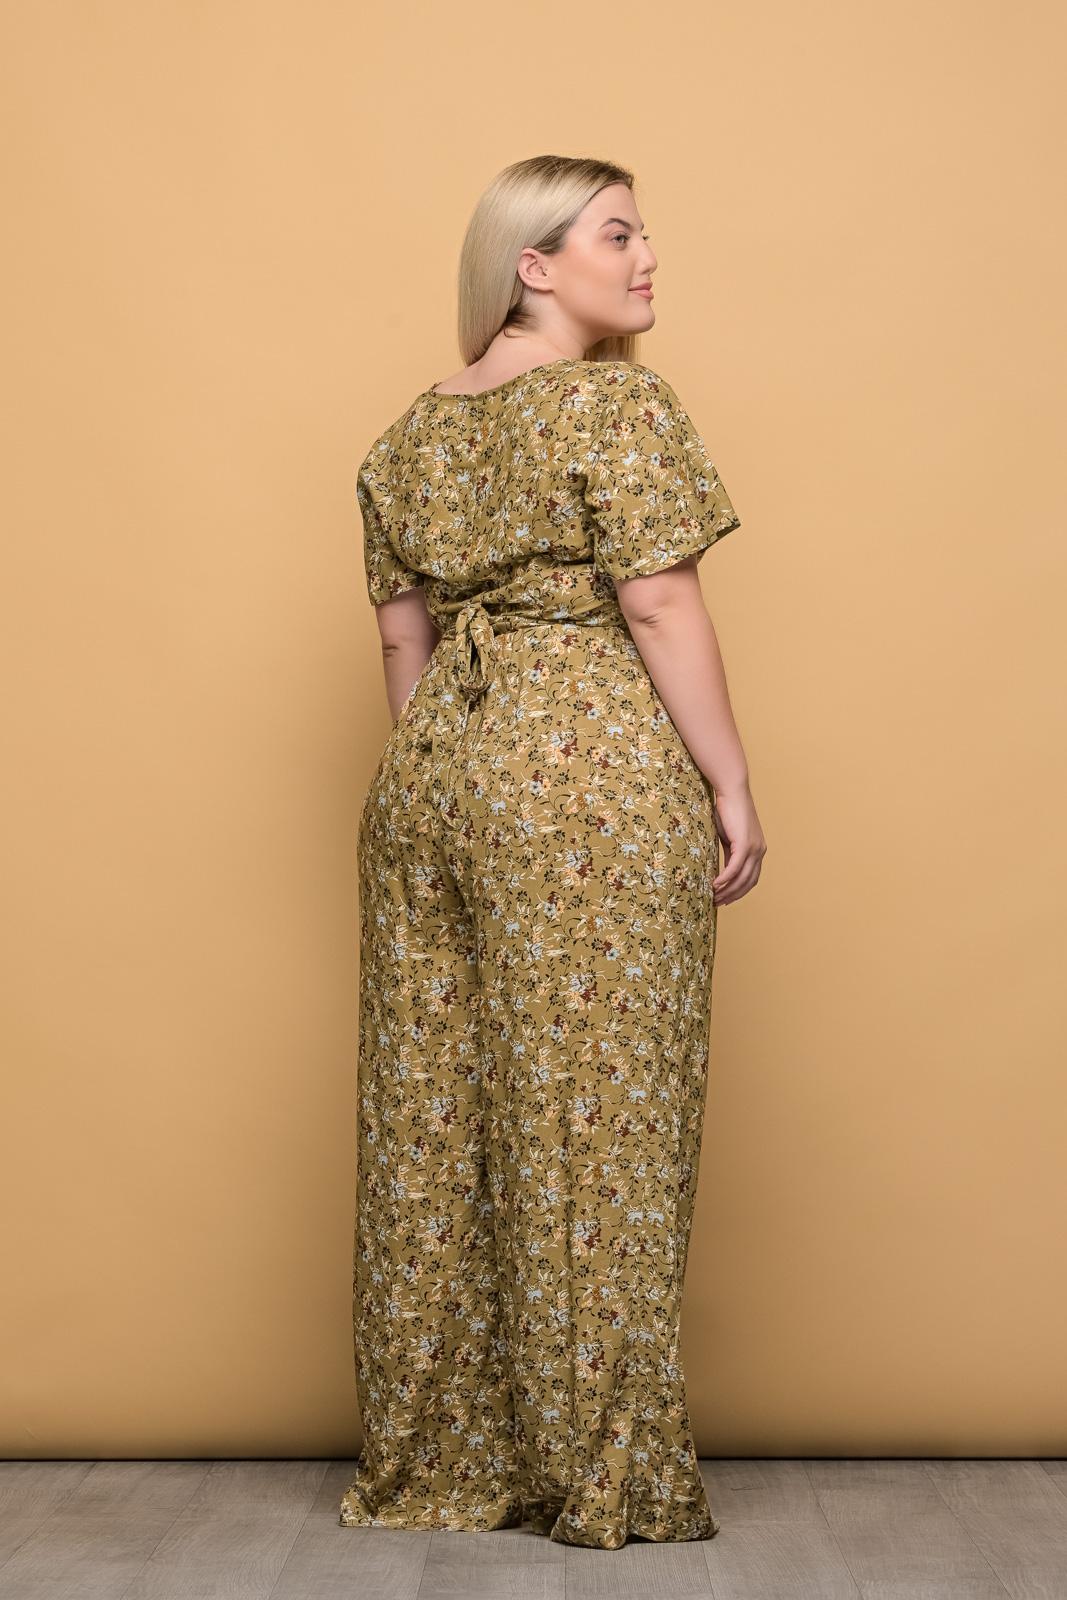 Κροπ-τοπ μεγάλα μεγέθη κρουαζέ floral/εκάι με δέσιμο..Στο eshop μας θα βρείτε οικονομικά γυναίκεια ρούχα σε μεγάλα μεγέθη και υπερμεγέθη.